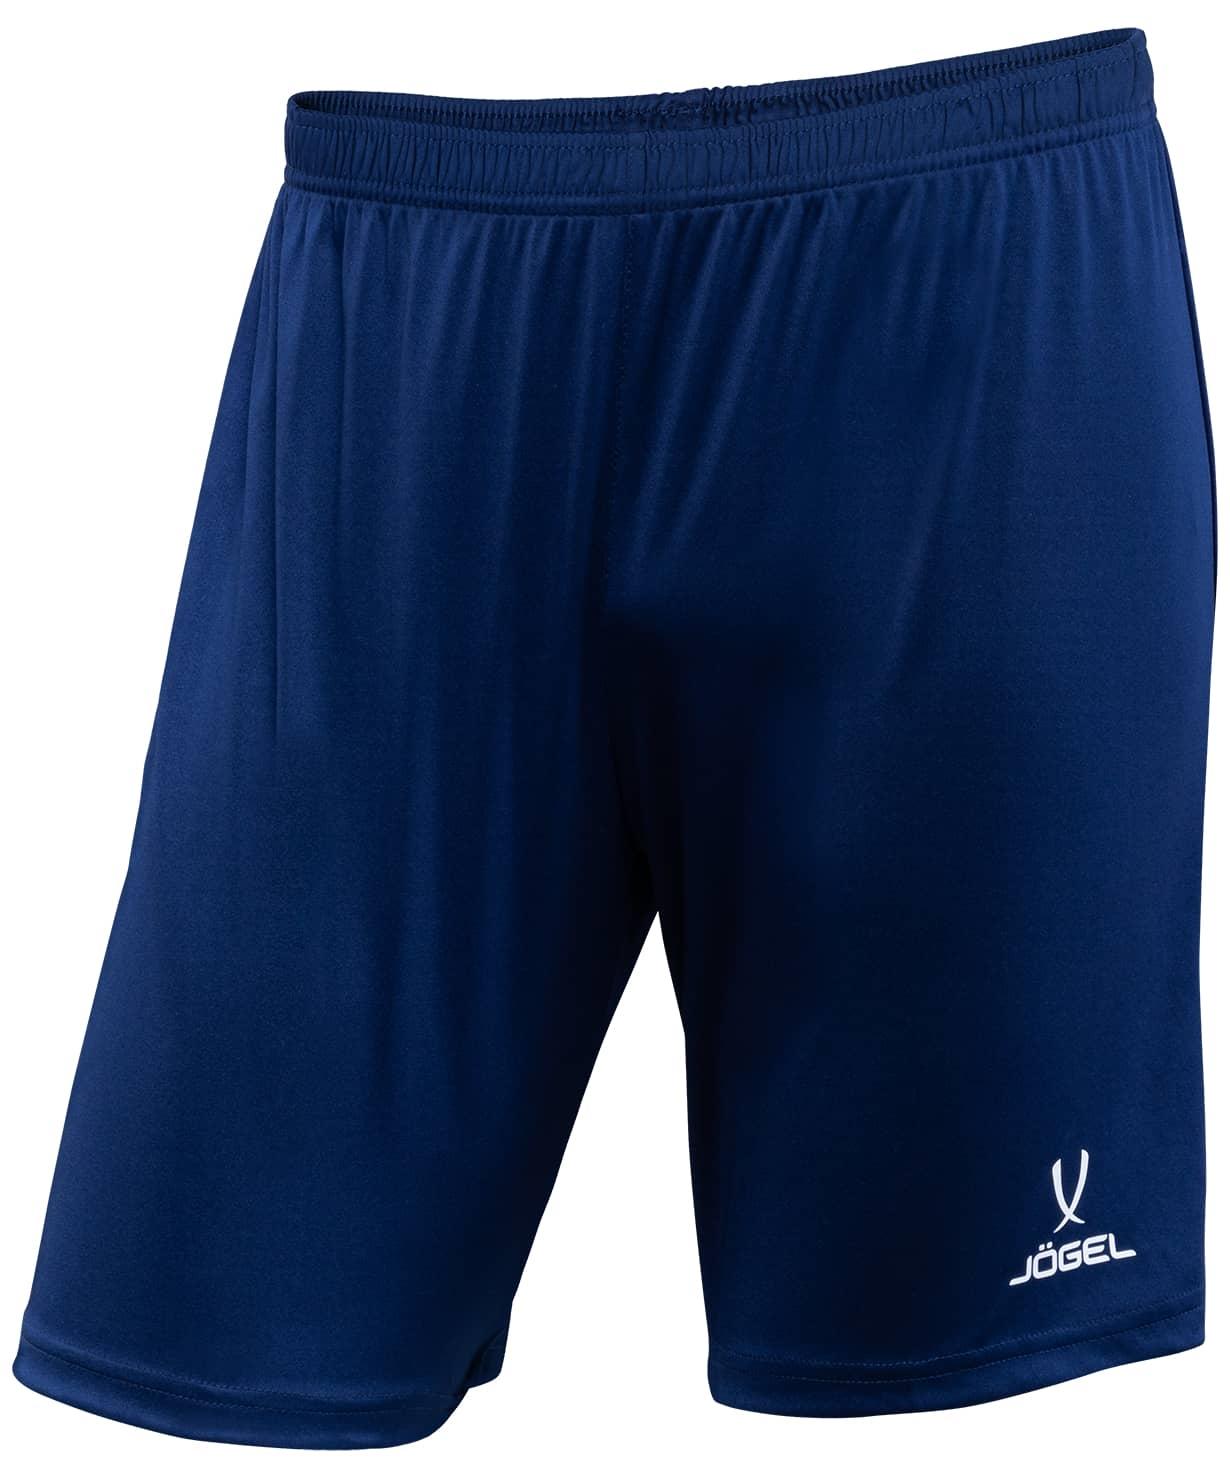 Шорты игровые CAMP Classic Shorts JFT-1120-091, темно-синий/белый